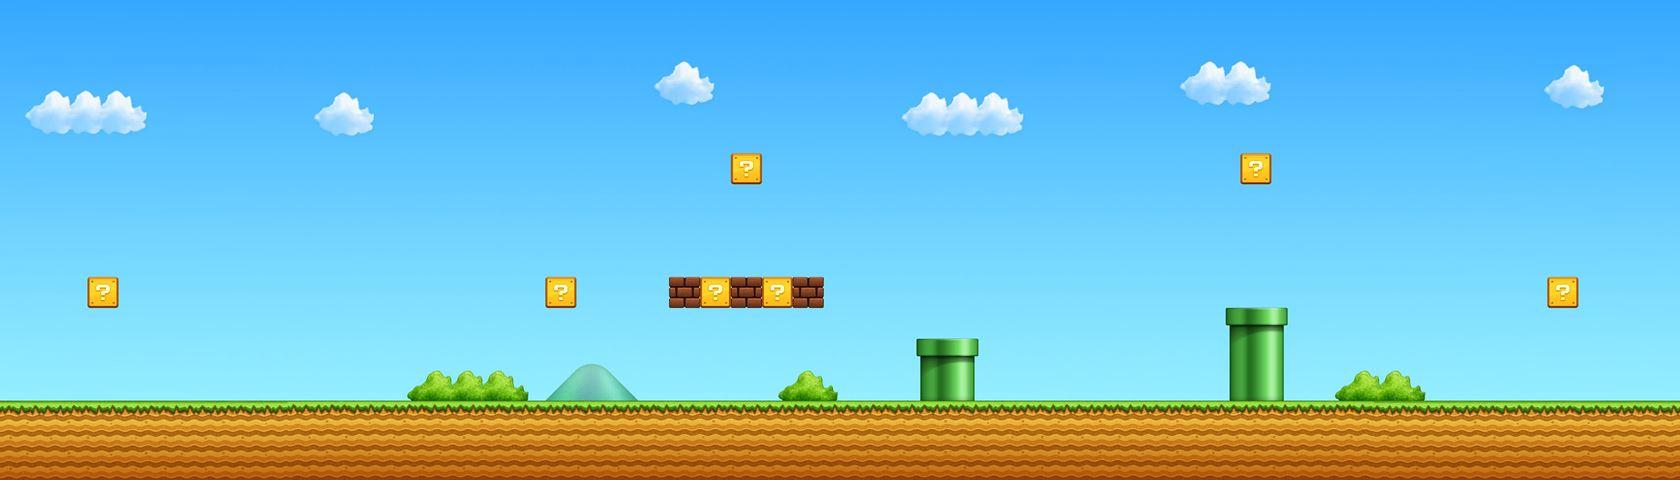 1-1 Super Mario All-Stars